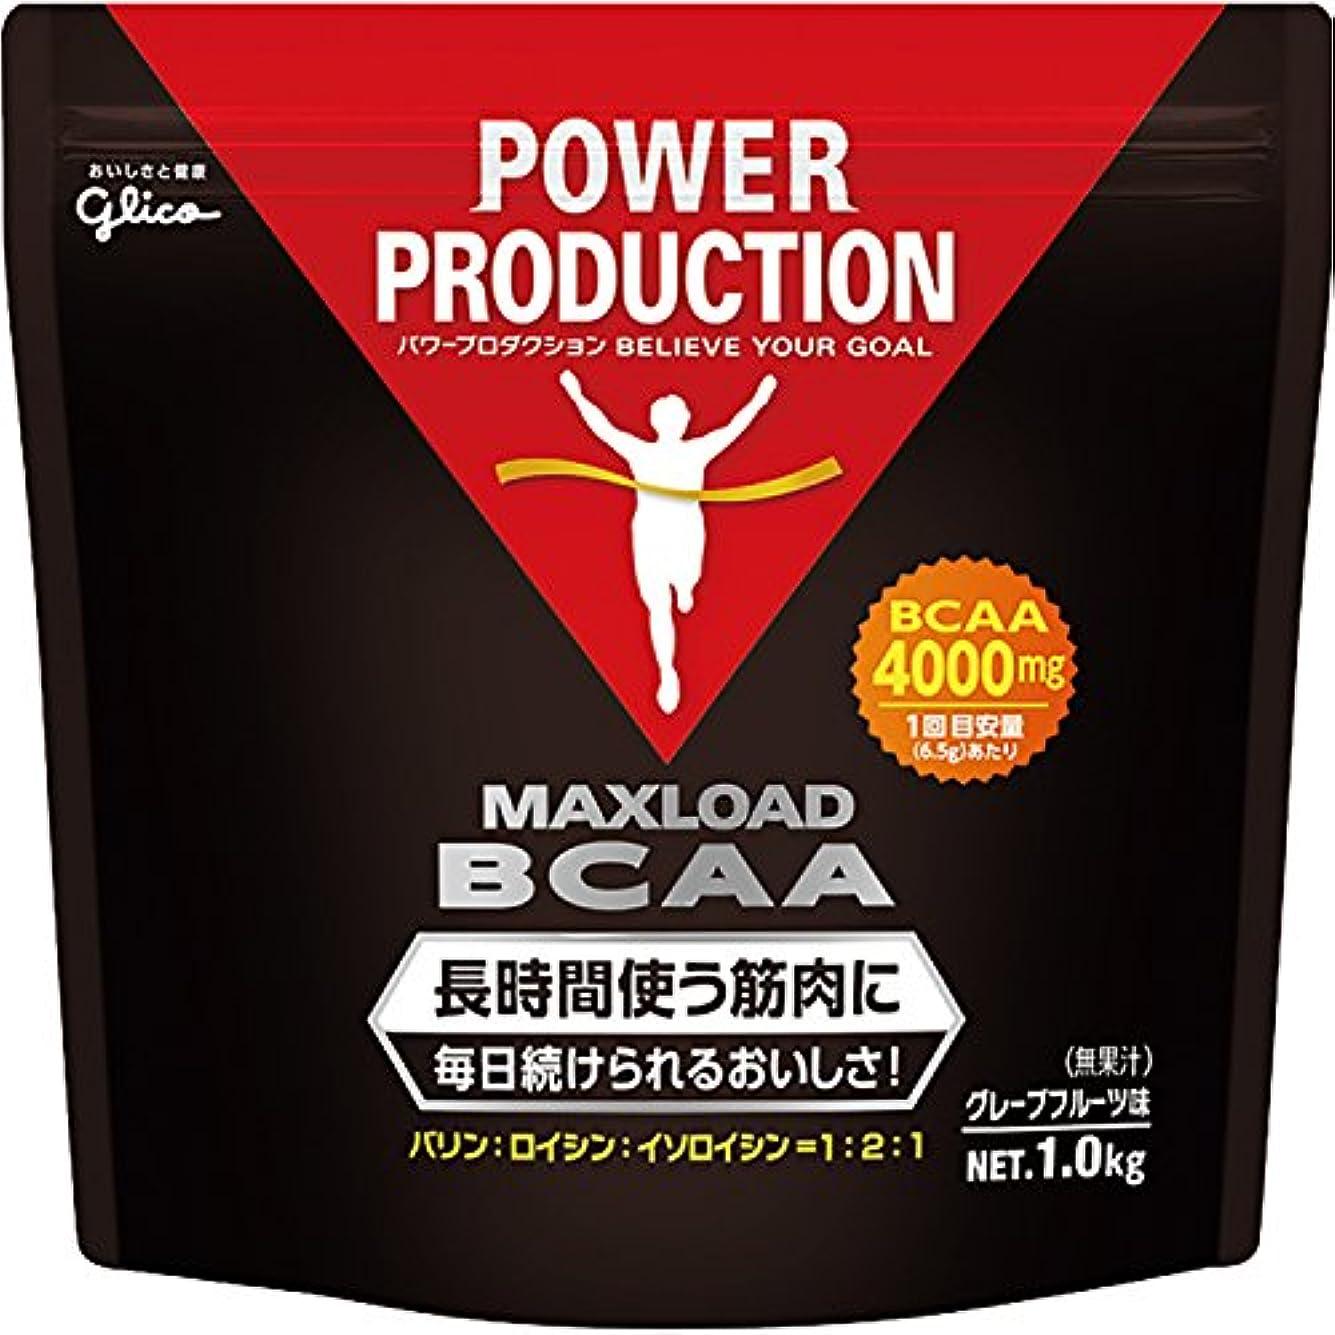 農場強大なはぁグリコ パワープロダクション マックスロード BCAA4000mg アミノ酸 グレープフルーツ風味 1kg【使用目安 約153回分】